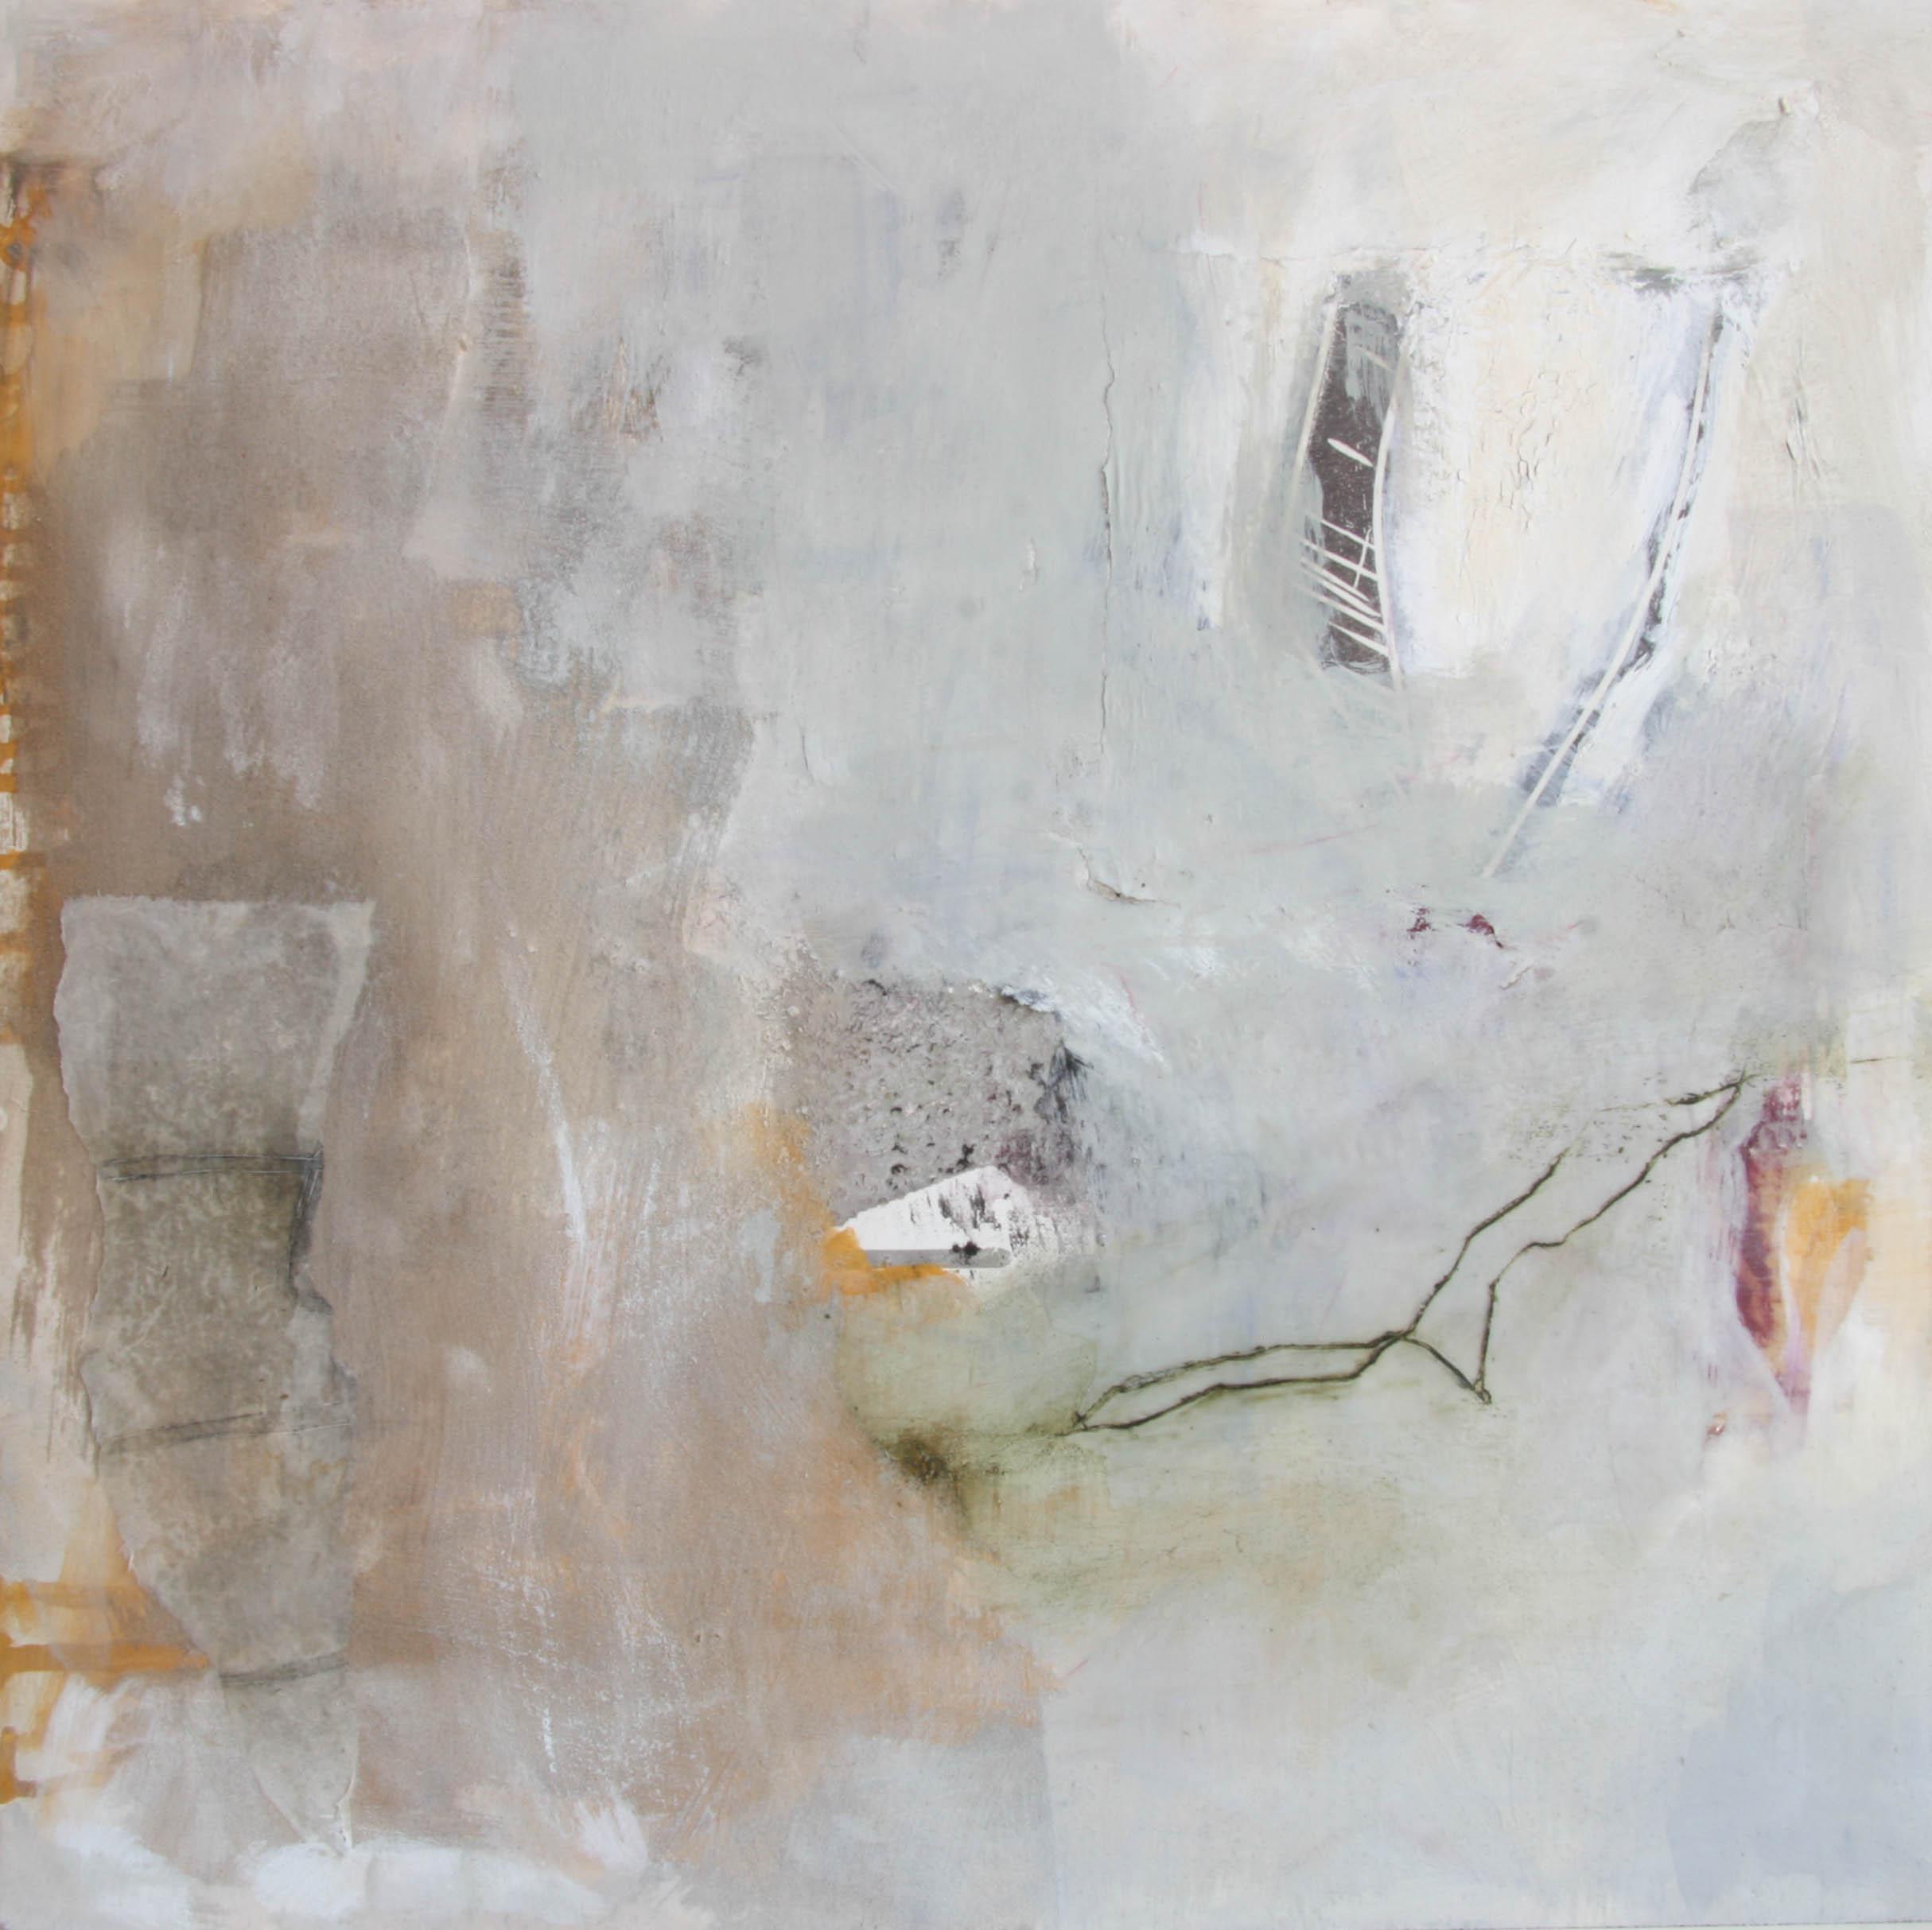 Katharina Hoehler Künstlerin Emmendingen Malerei